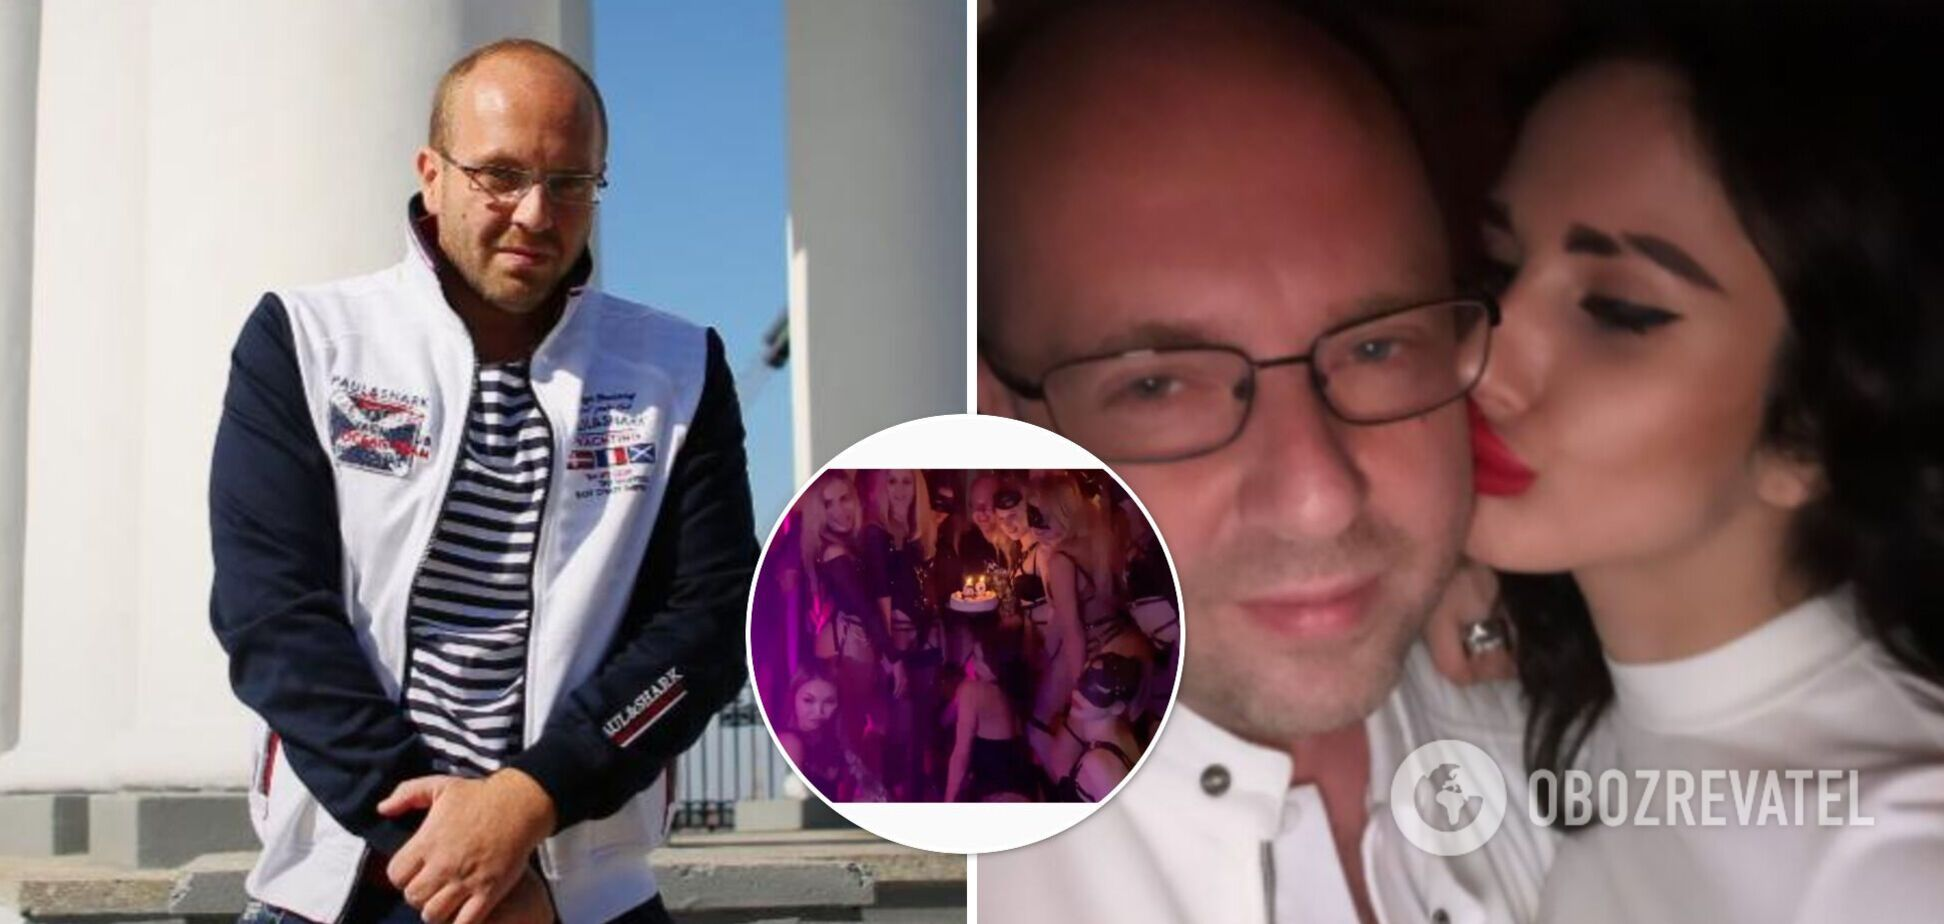 Организатор голой фотосессии в ОАЭ засветился на 'БДСМ-вечеринке'